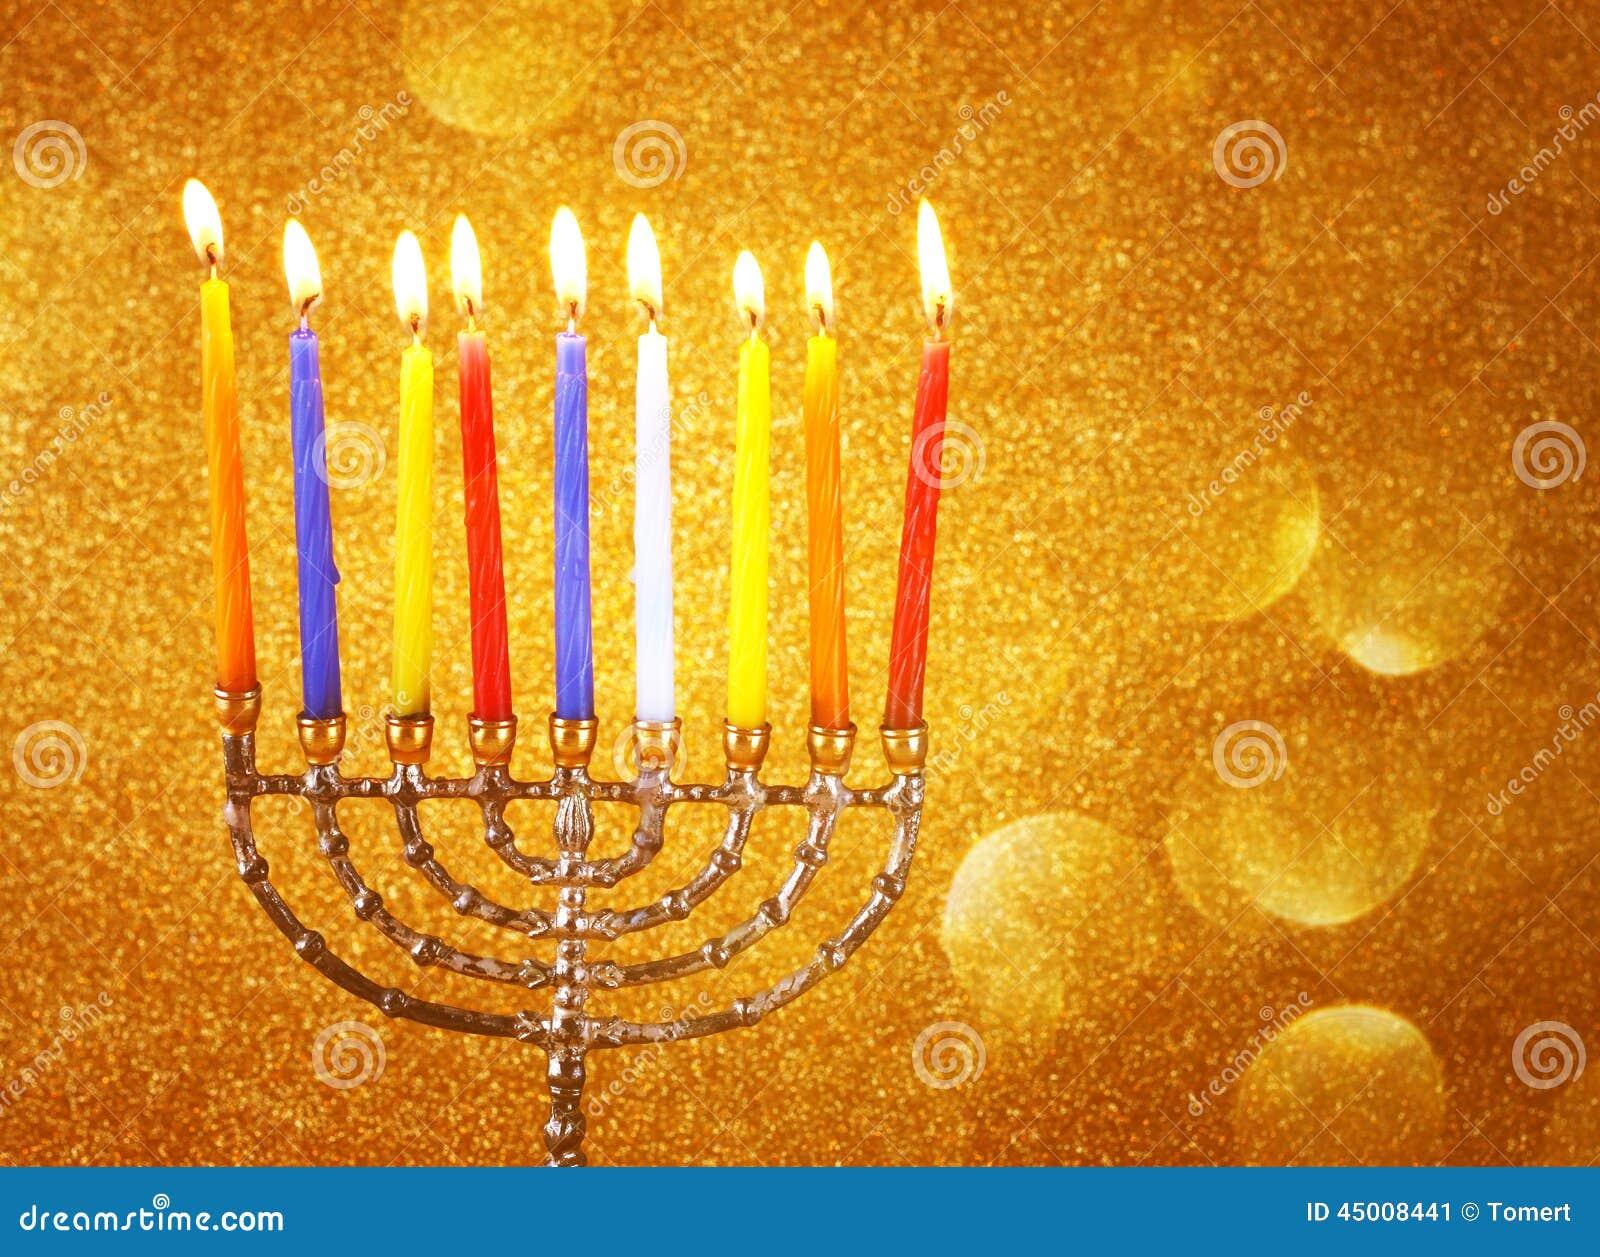 Menorah с candels и предпосылкой светов яркого блеска концепция Хануки